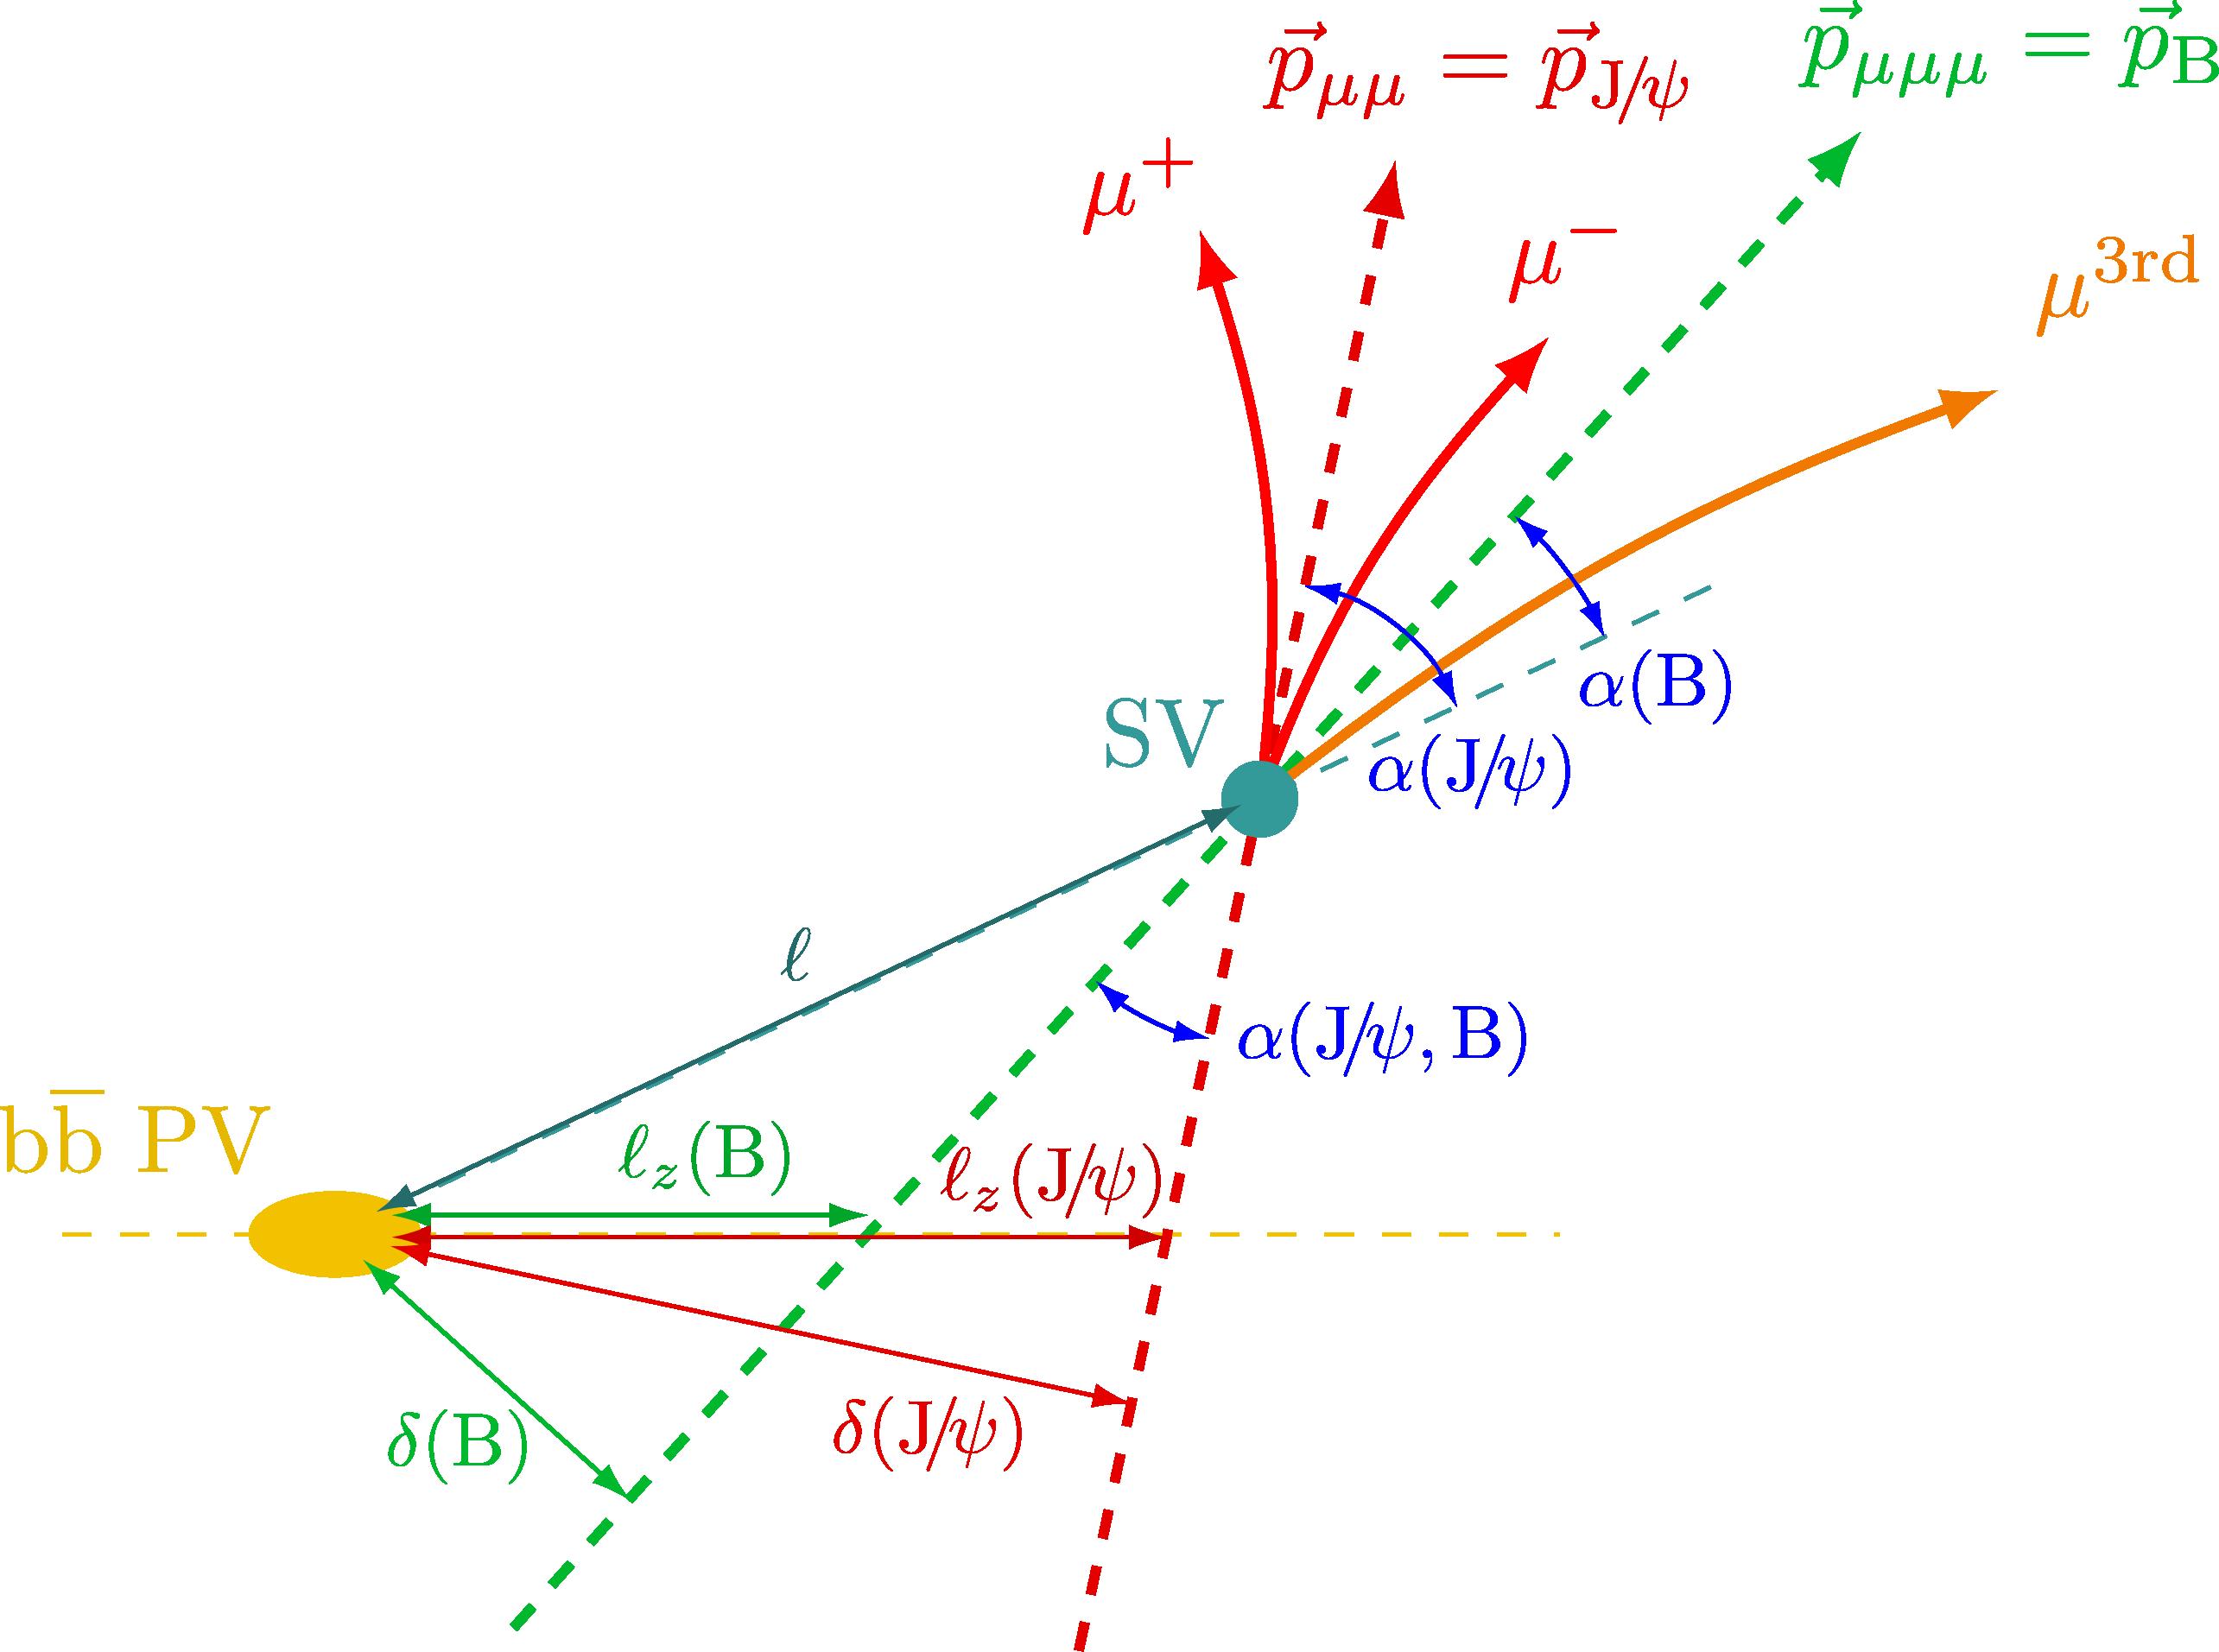 impact_parameters-004.png